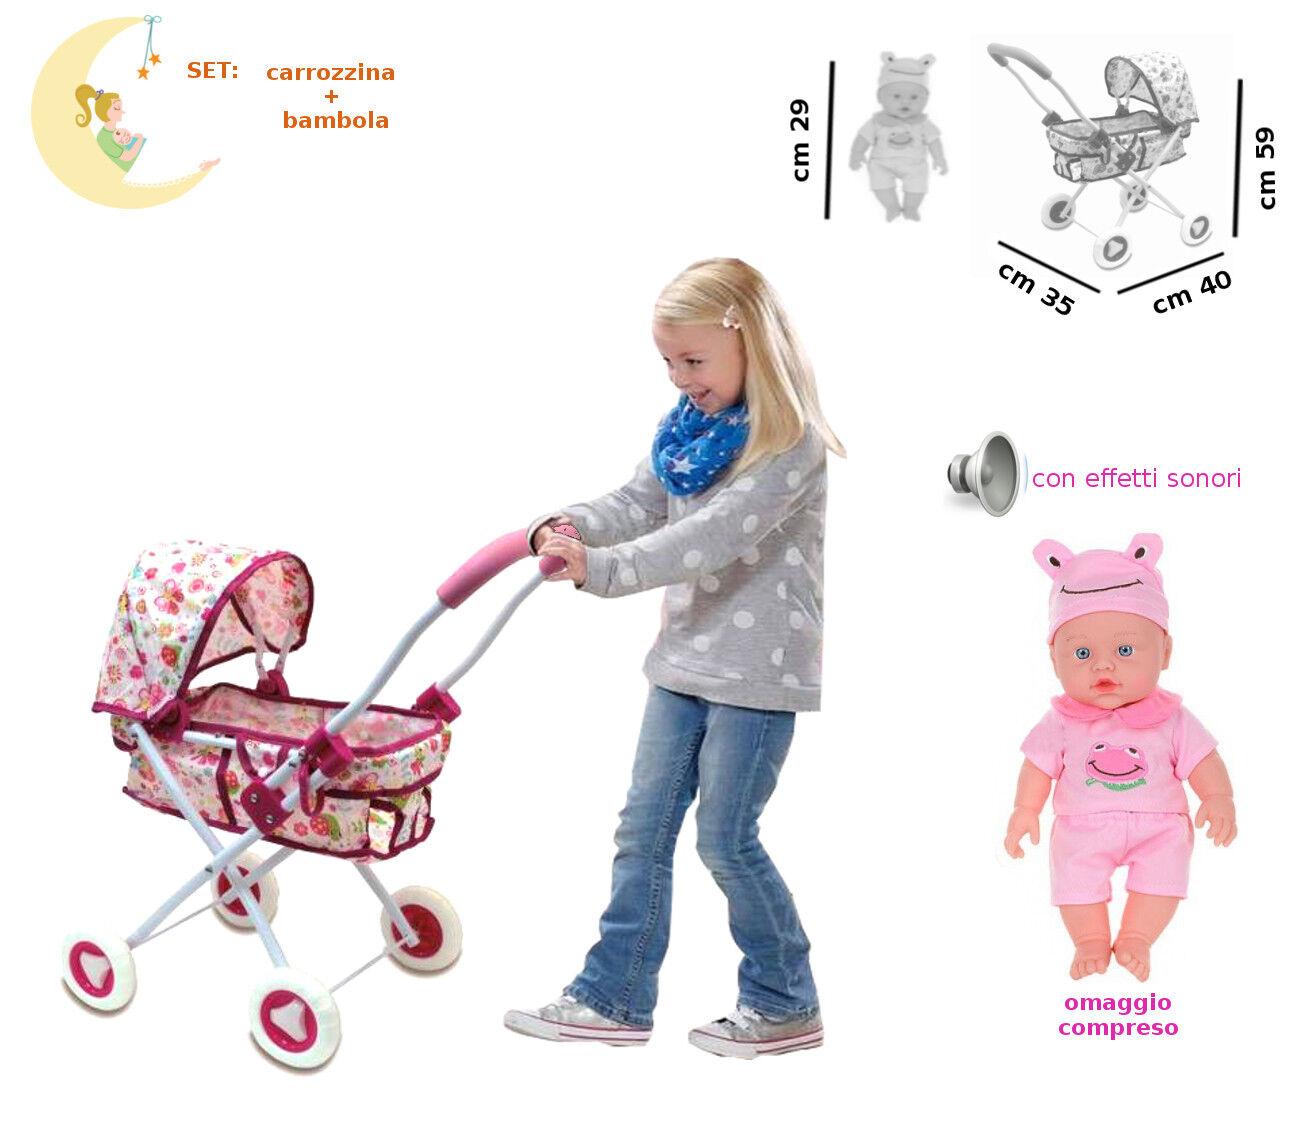 Carrozzina con Bambola Effetti Sonori Giocattolo per Bambole Bambolotti